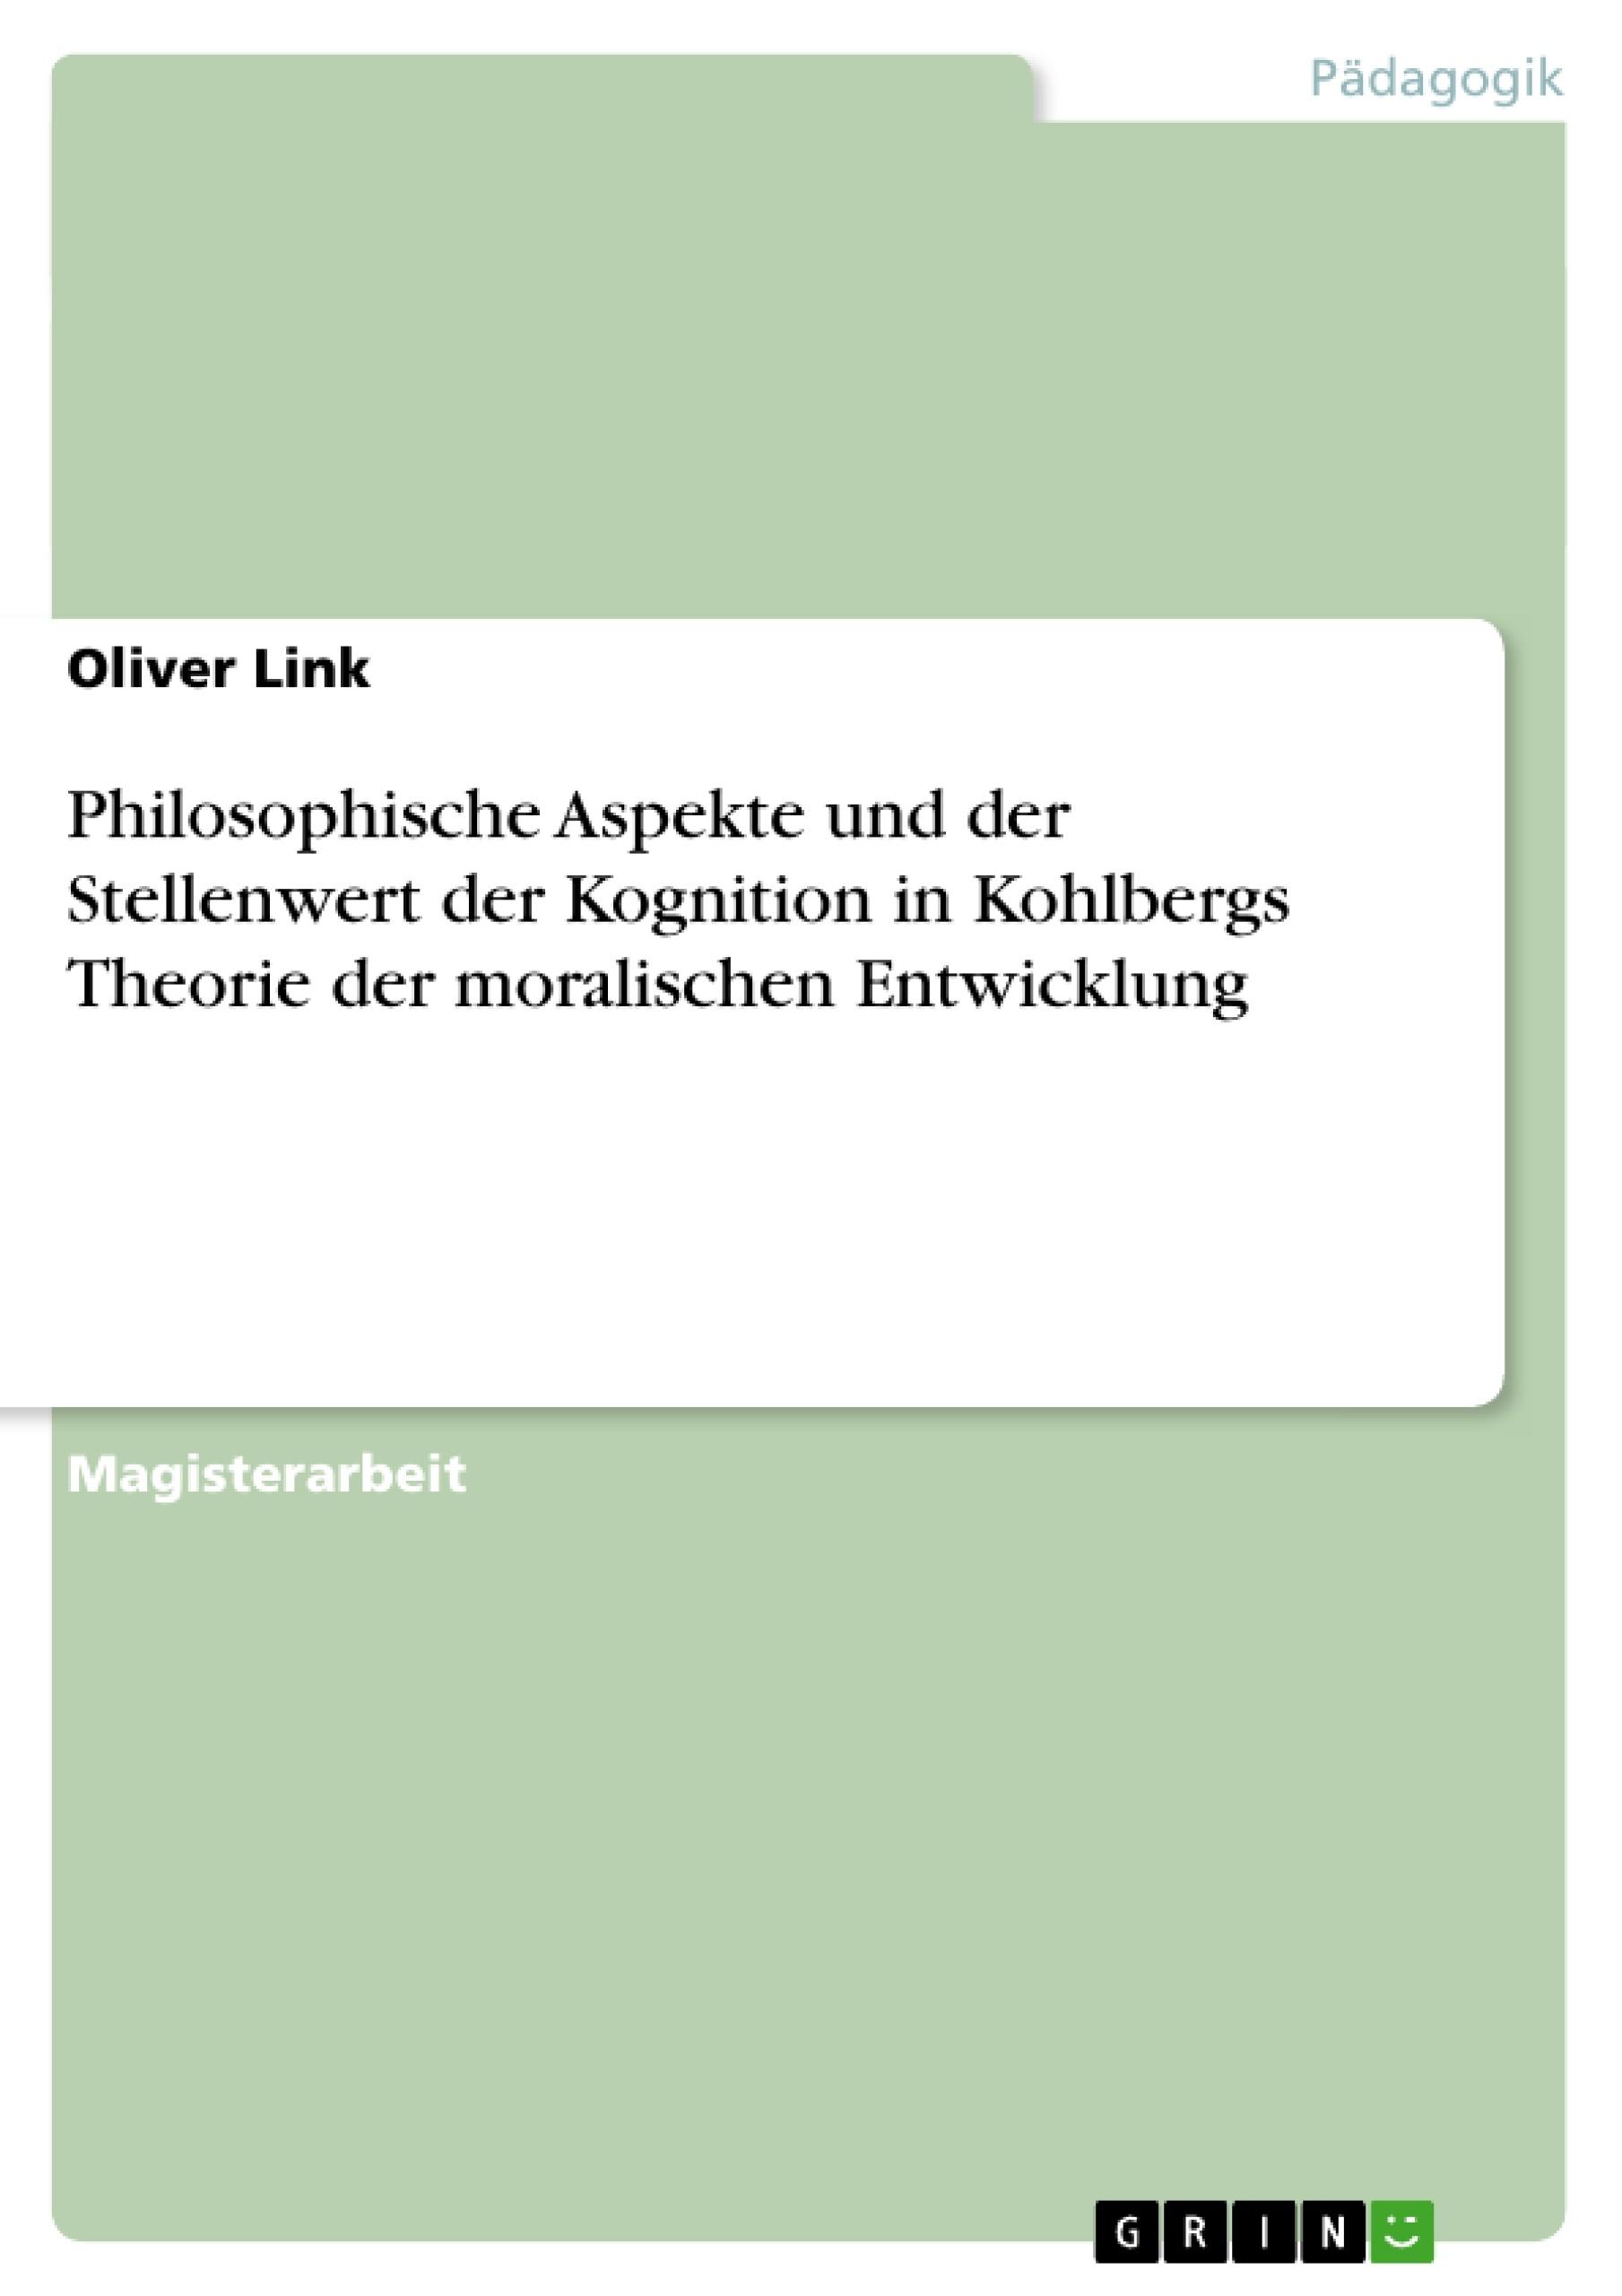 Titel: Philosophische Aspekte und der Stellenwert der Kognition in Kohlbergs Theorie der moralischen Entwicklung